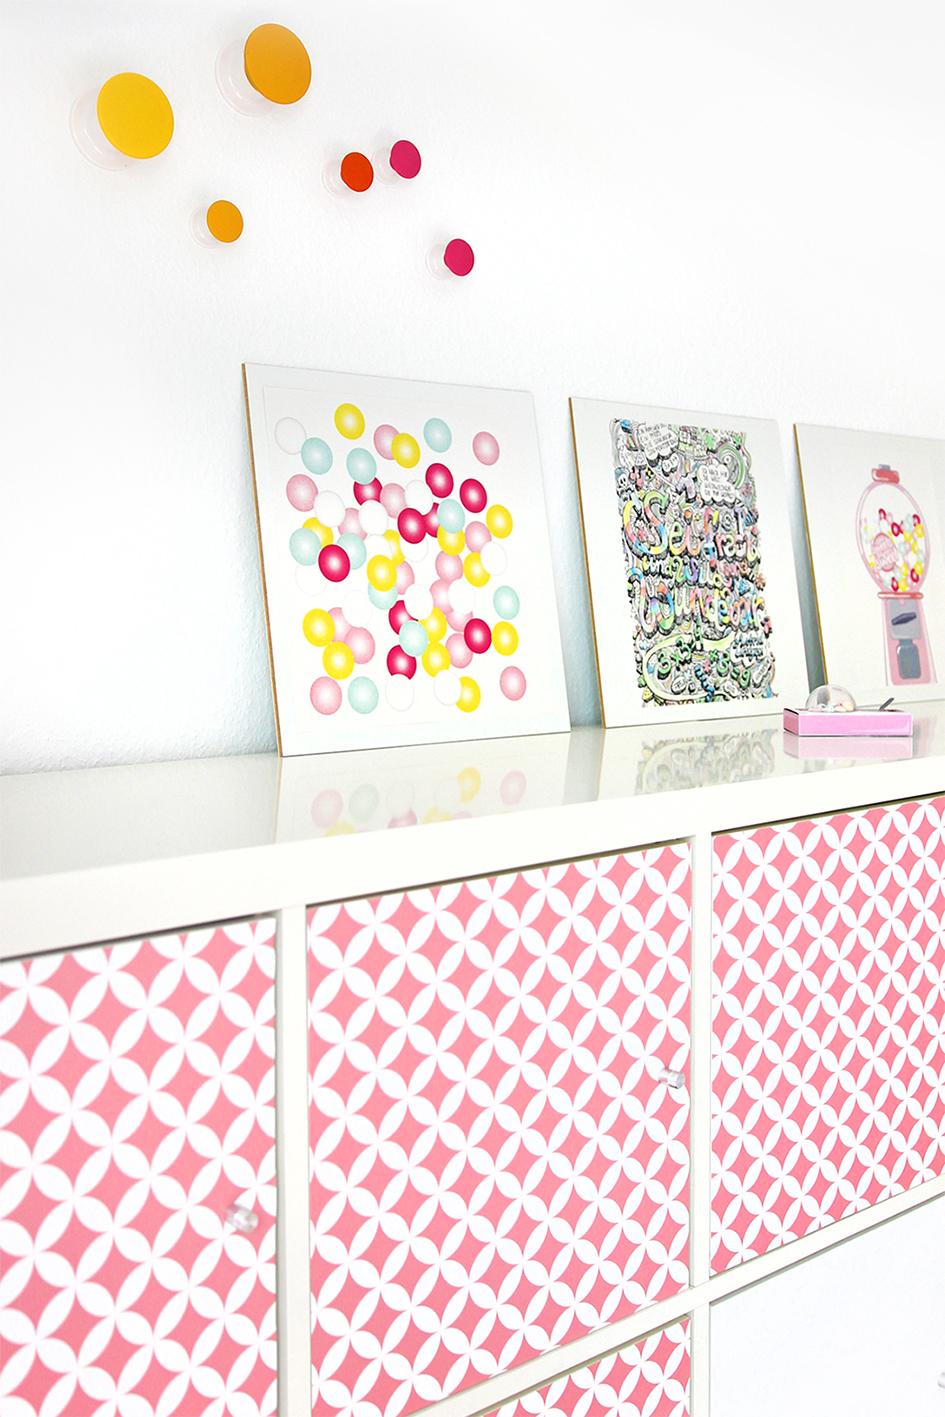 Möbel mit Klebefolie verzieren